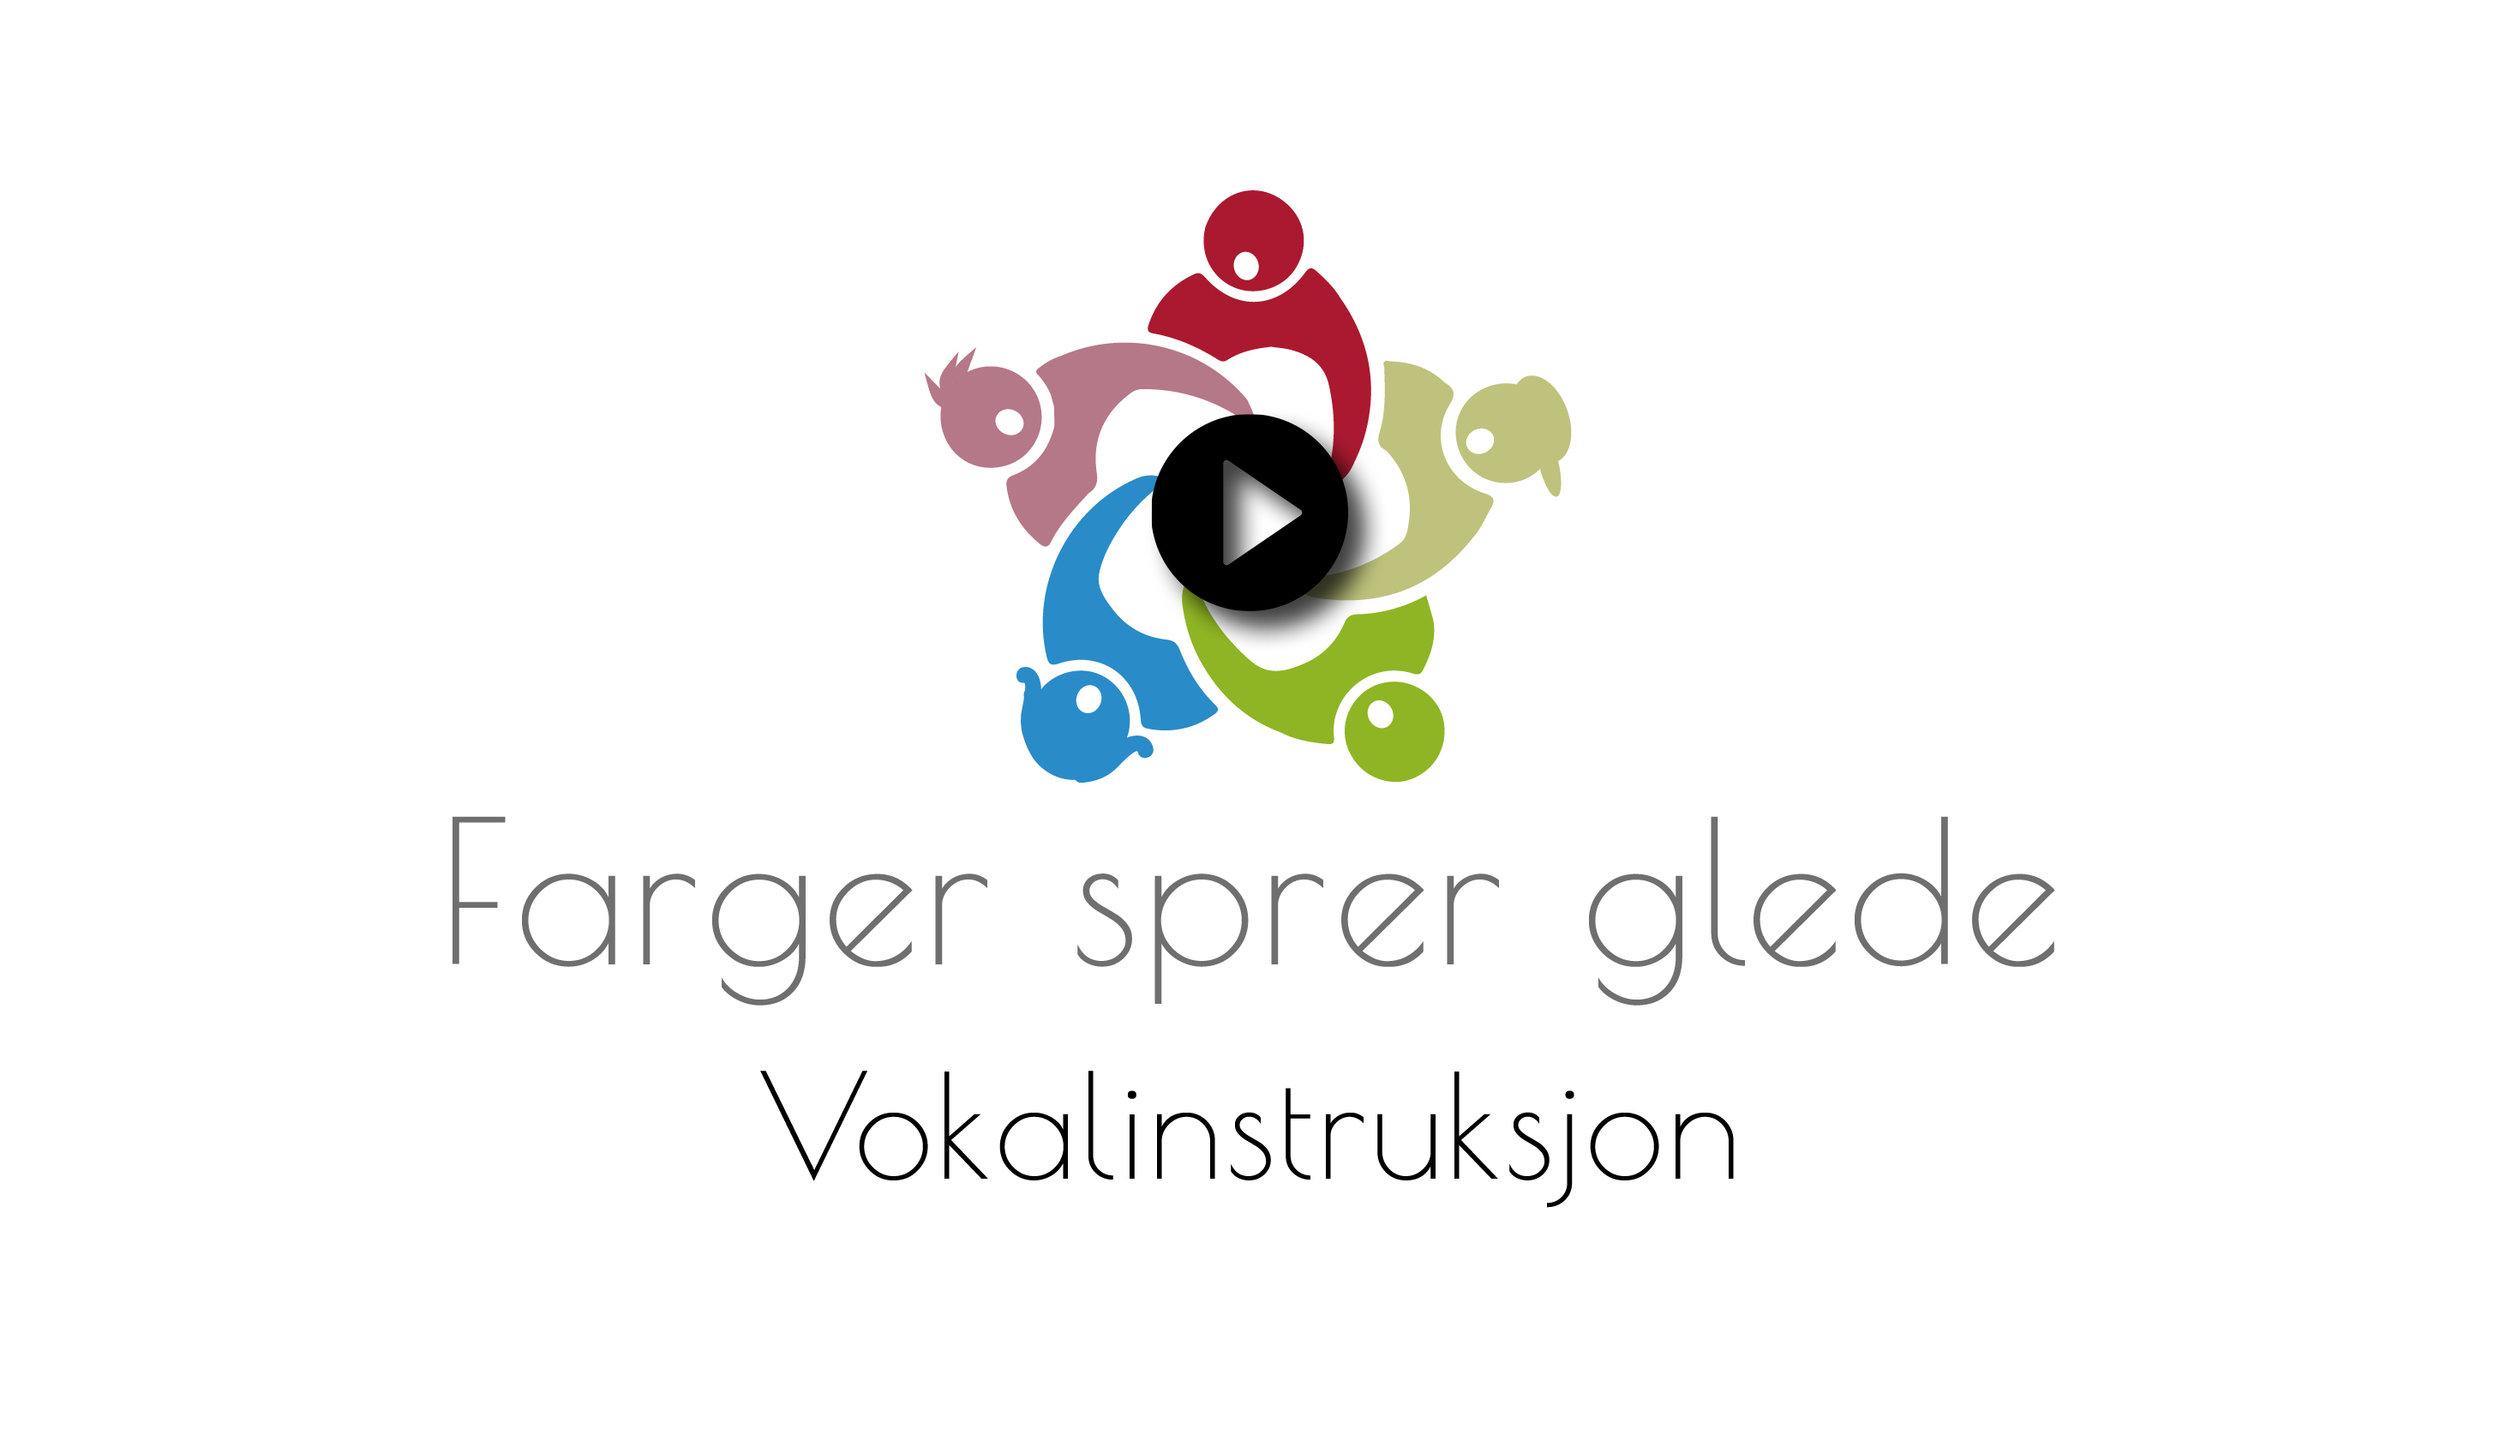 SSD Logo video Farger sprer glede Vokalinstruksjon.jpg